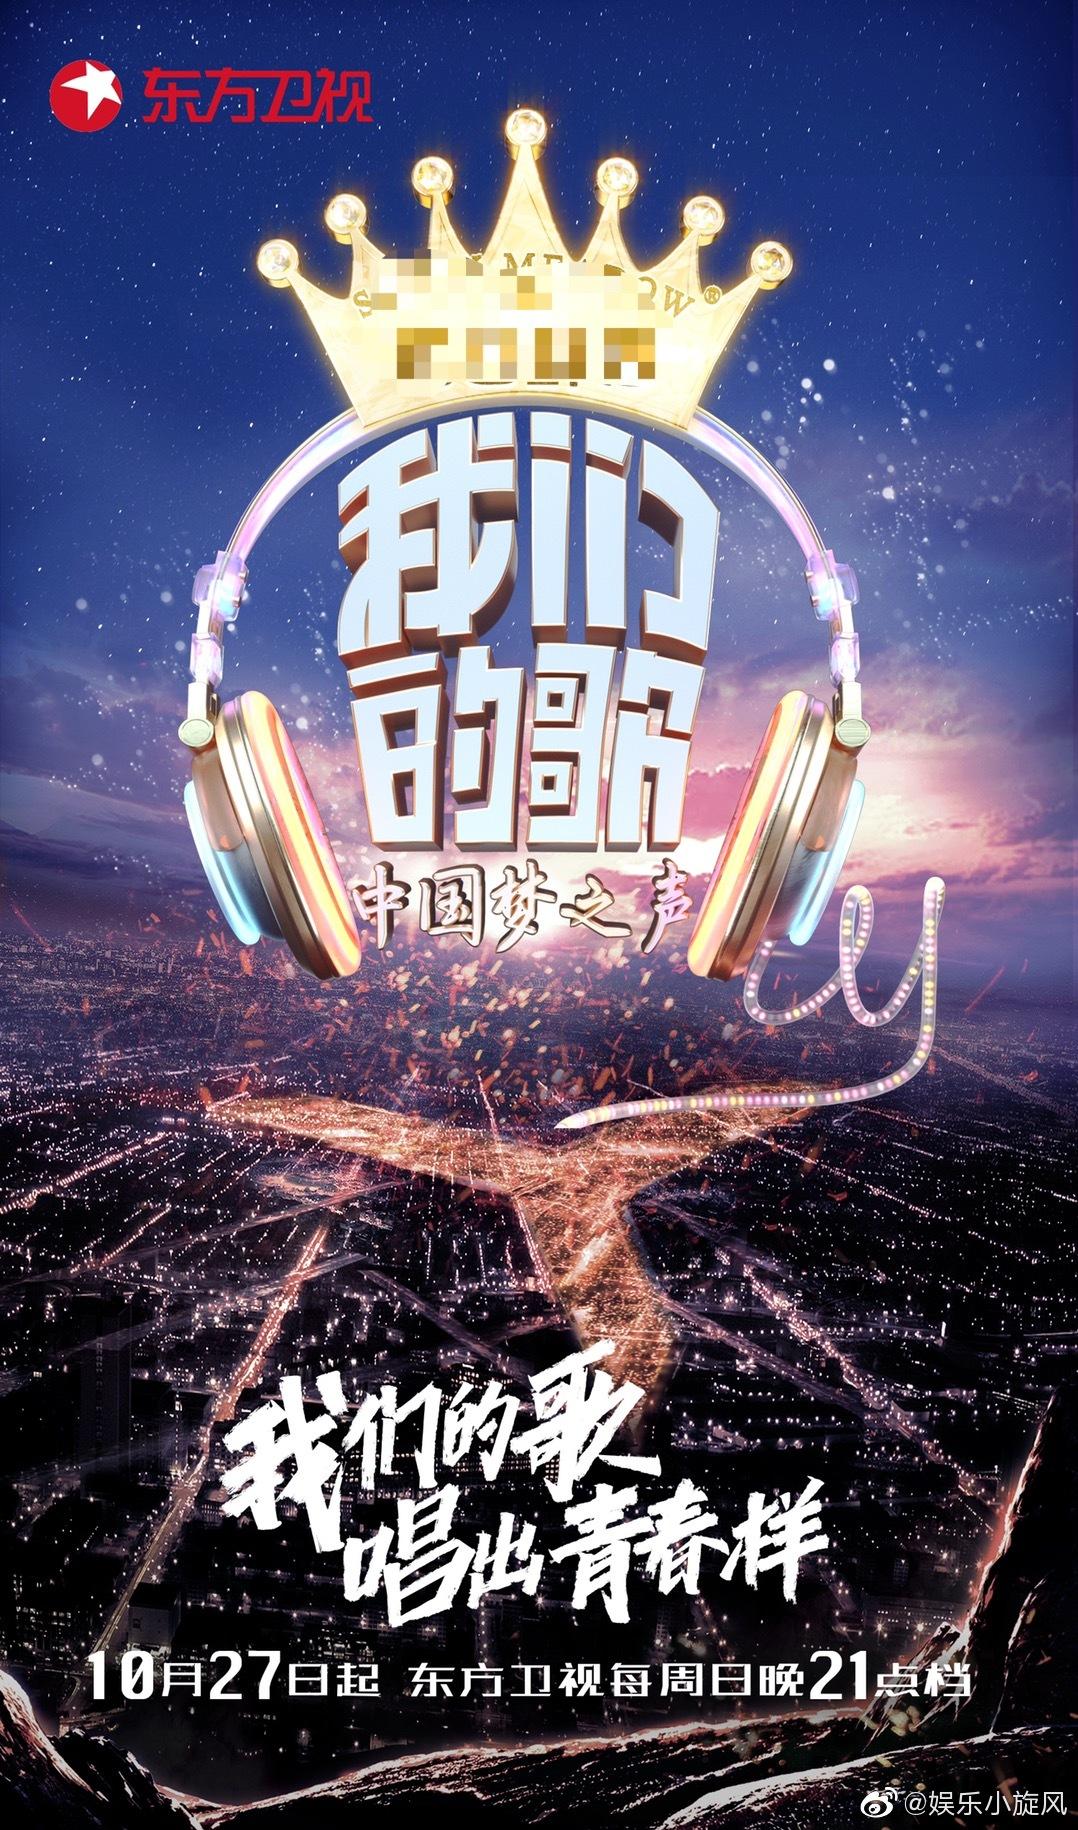 刚刚东方卫视,10月27日起每周日晚21点档播出